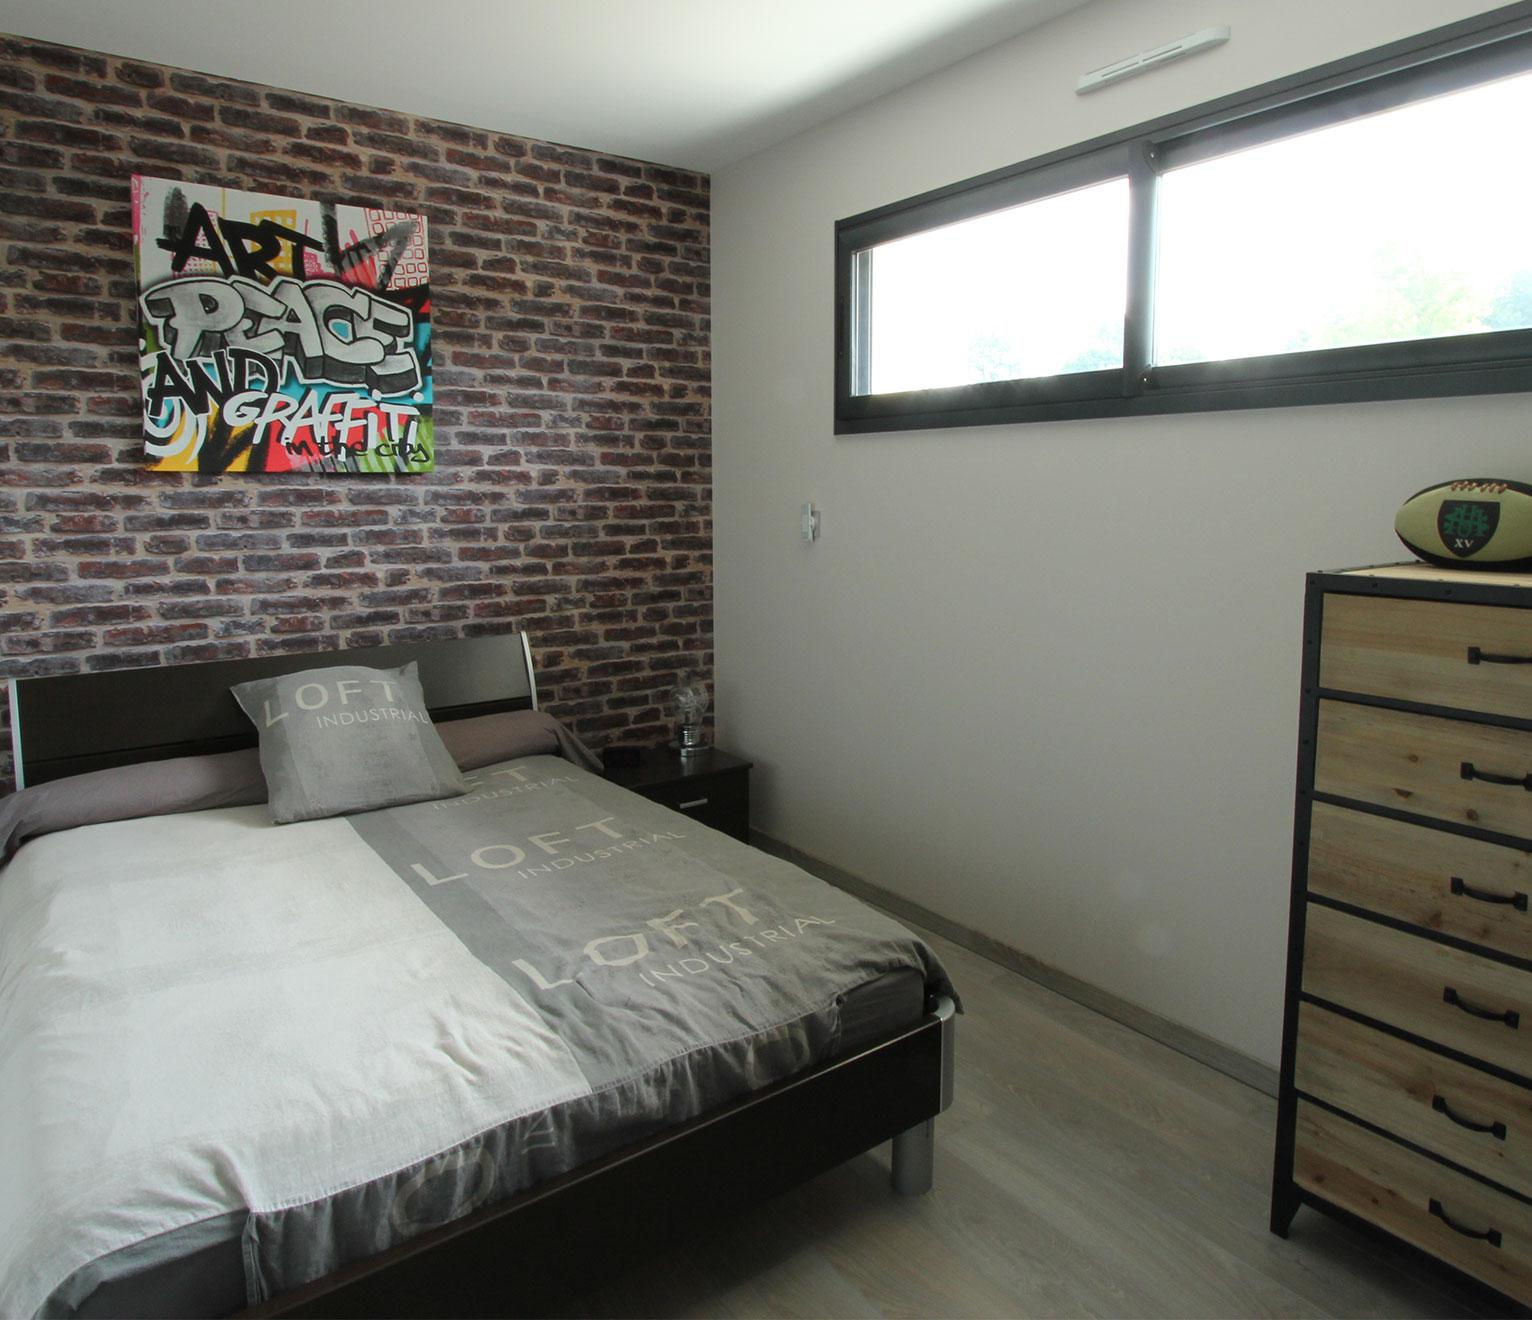 Chambre Ado Avec Papier Peint Brique une chambre d'ado aux airs de loft new-yorkais - quel